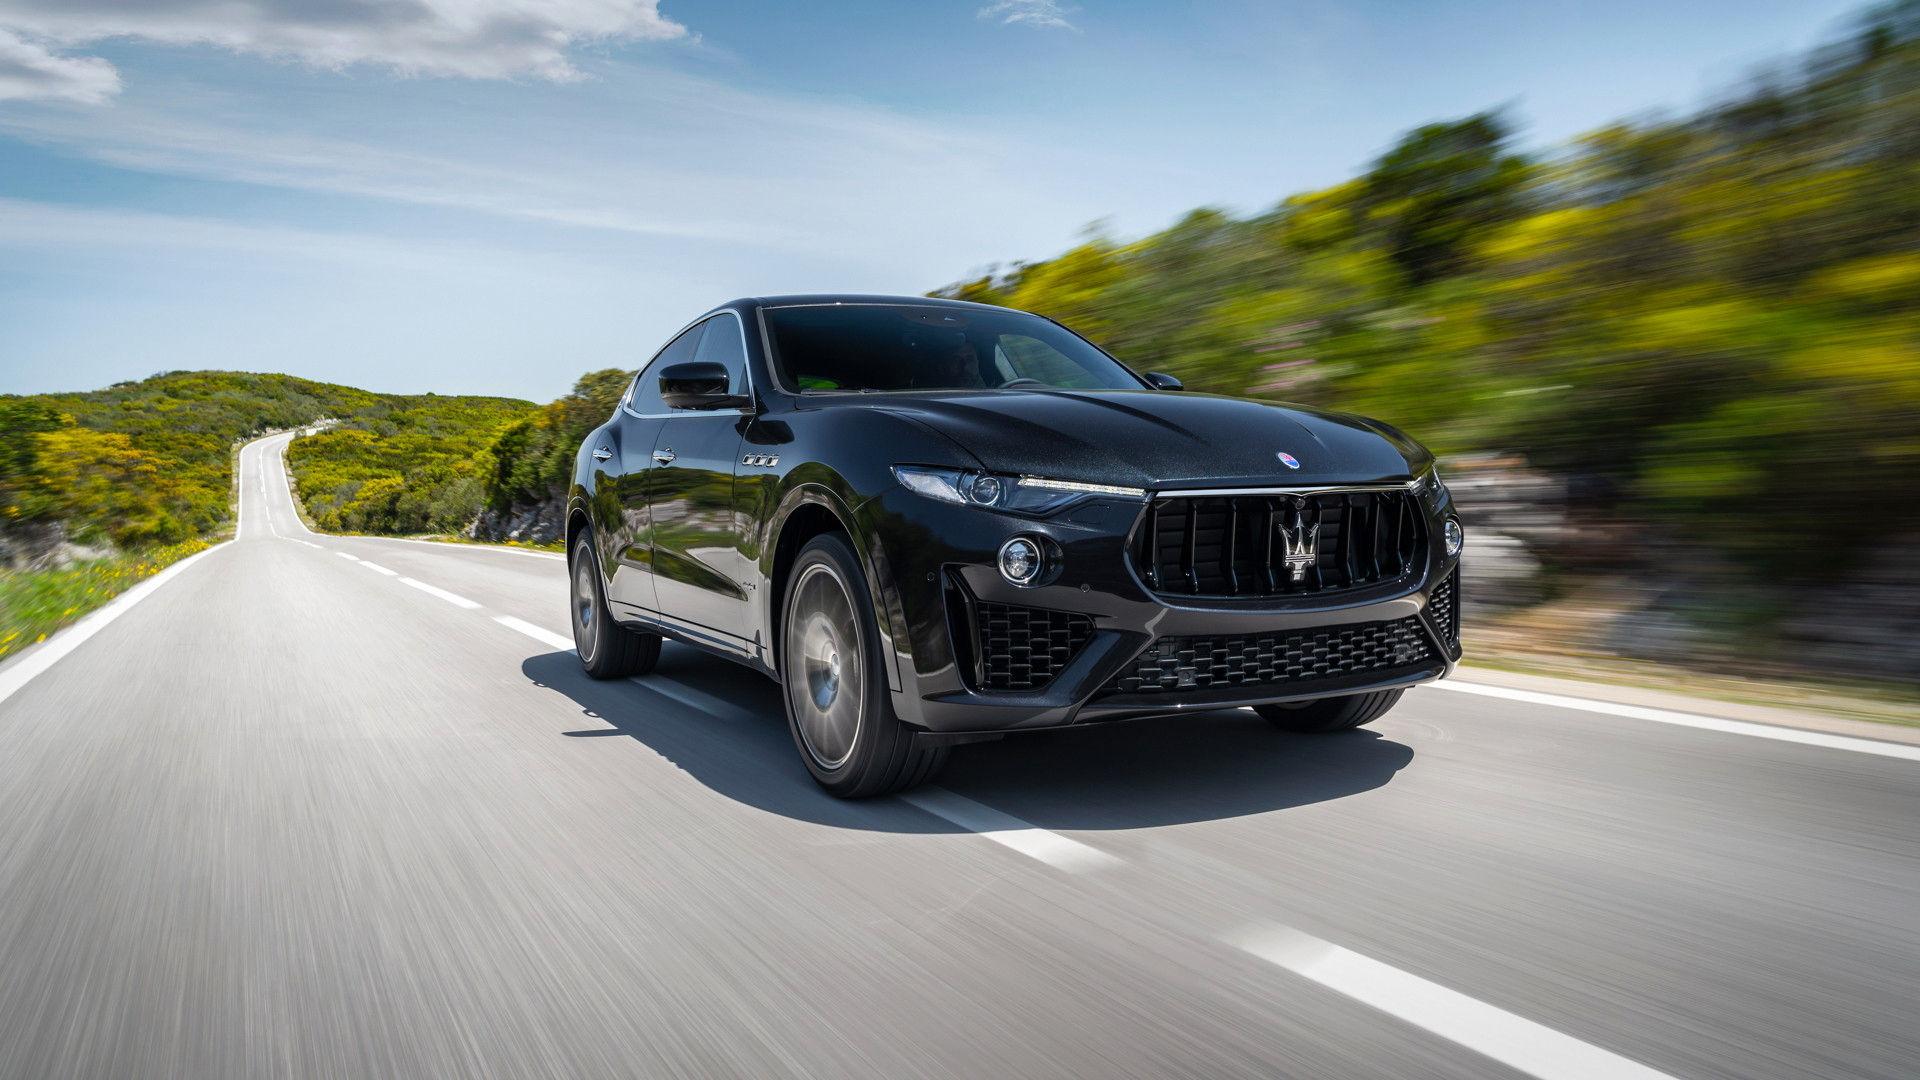 Il SUV di casa Maserati, Levante, nella nuova versione 2019 in corsa su strada - vista frontale